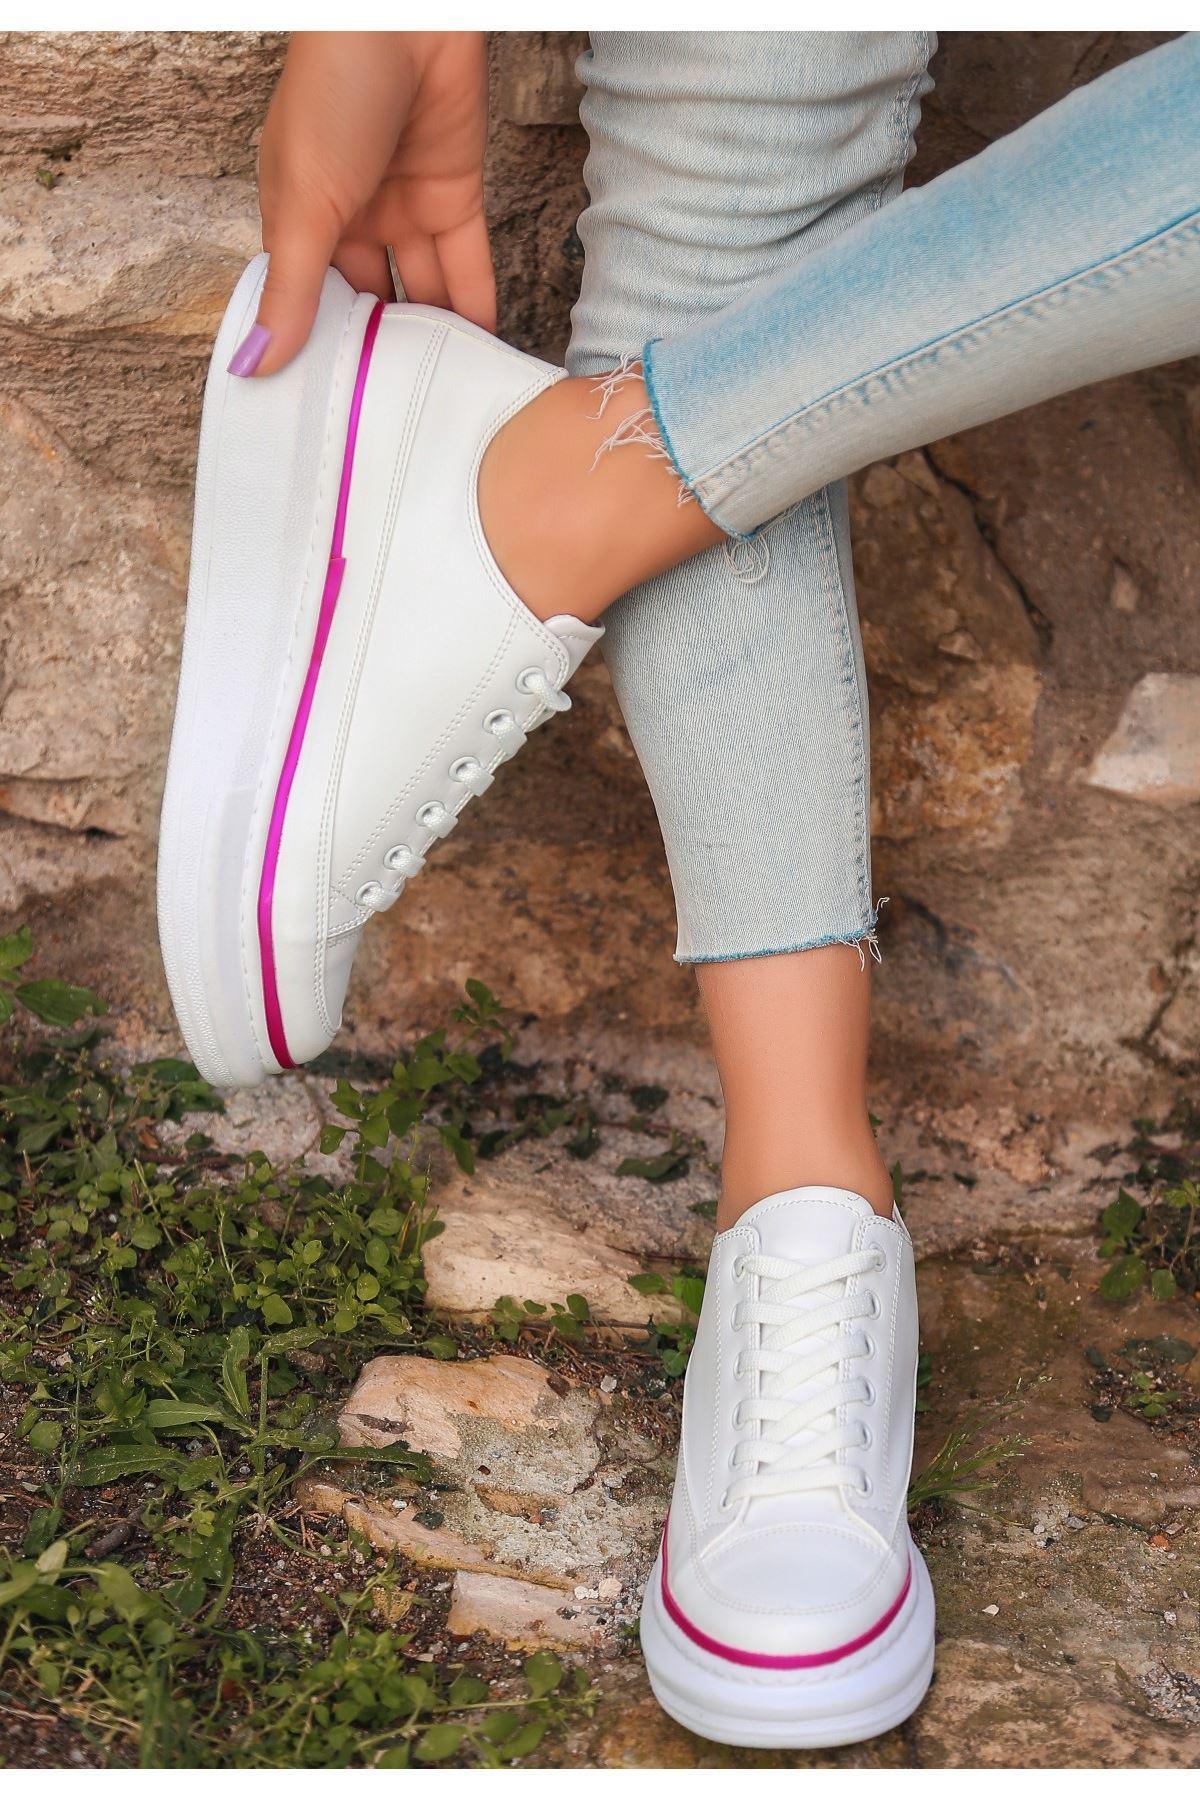 Voni Beyaz Cilt Fuşya Detaylı Spor Ayakkabı